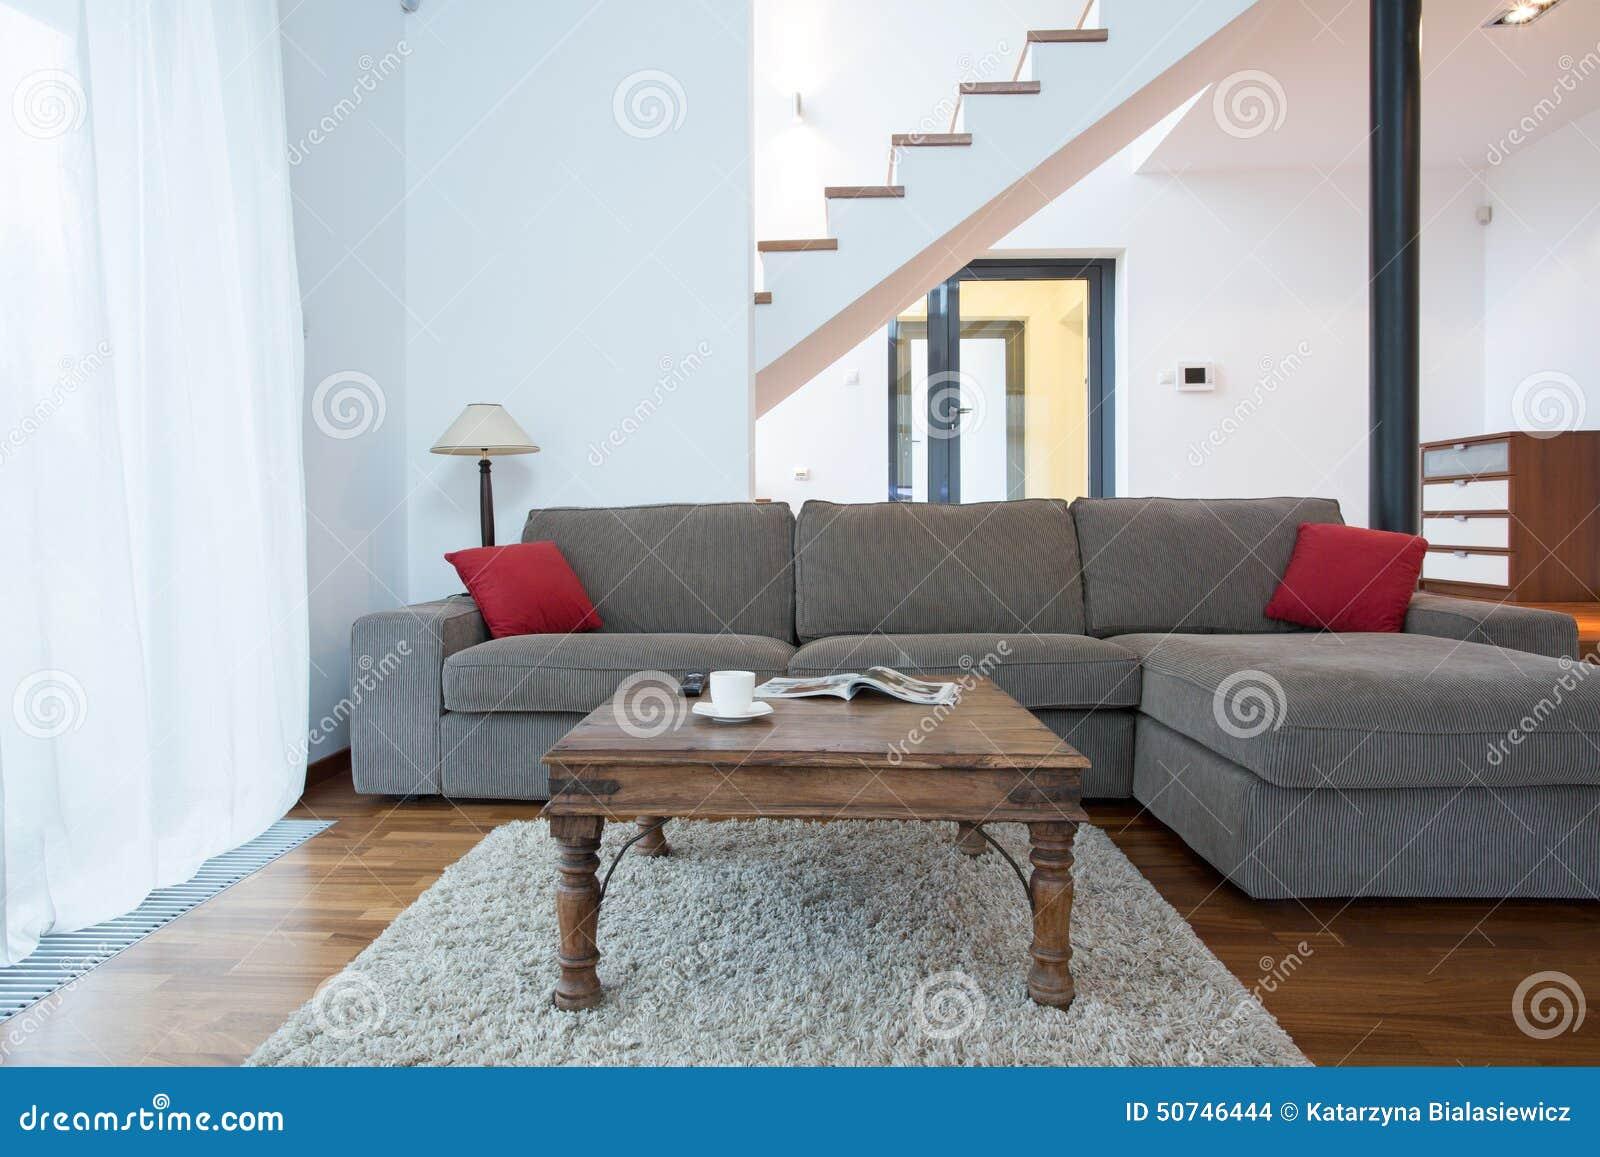 grose bilder f r wohnzimmer dekoration und interior